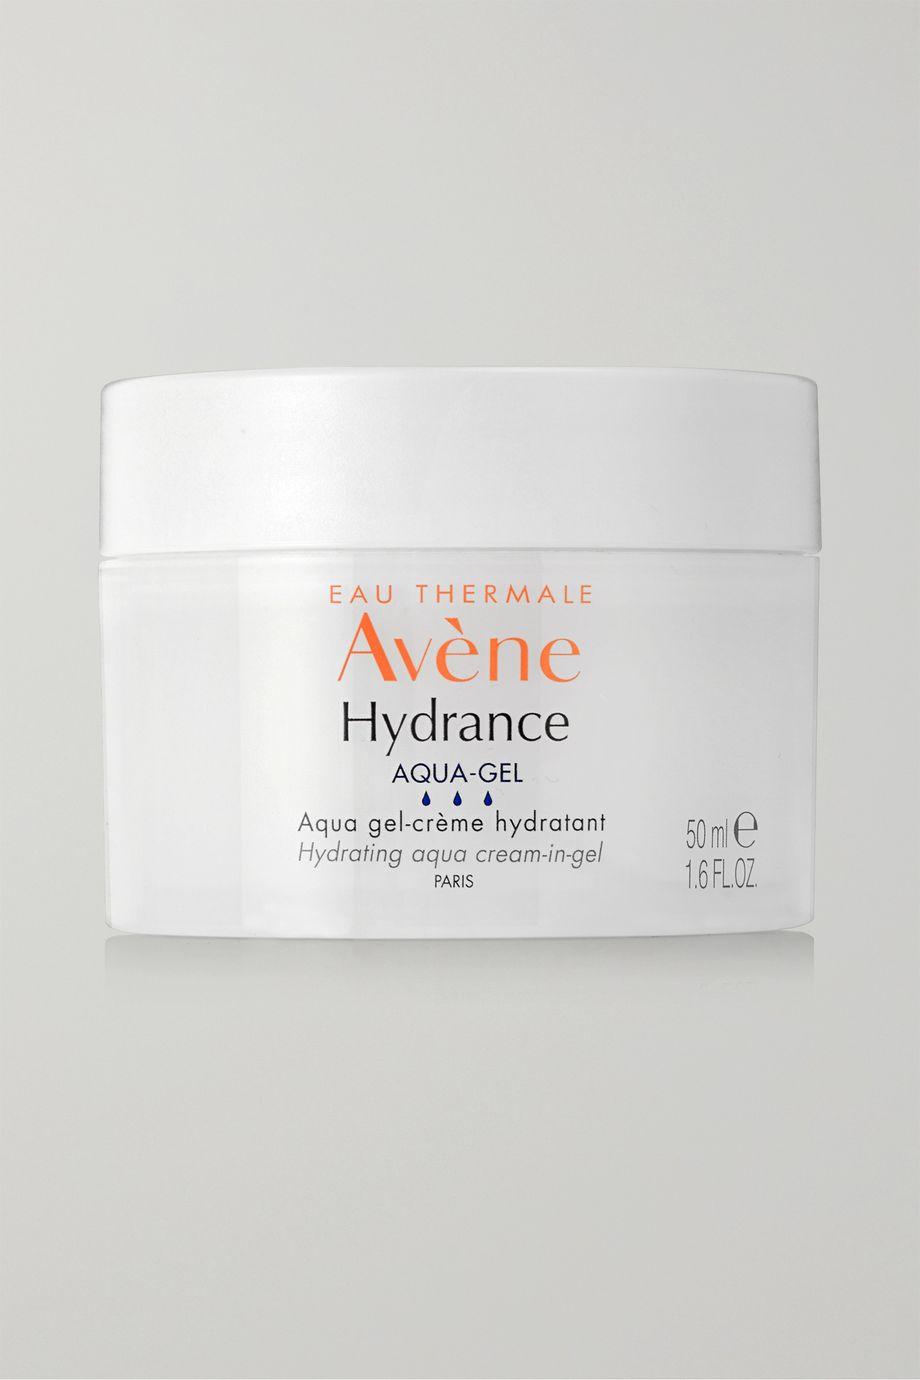 Avene Hydrance Aqua-Gel Hydrating Aqua Cream-in-Gel, 50ml